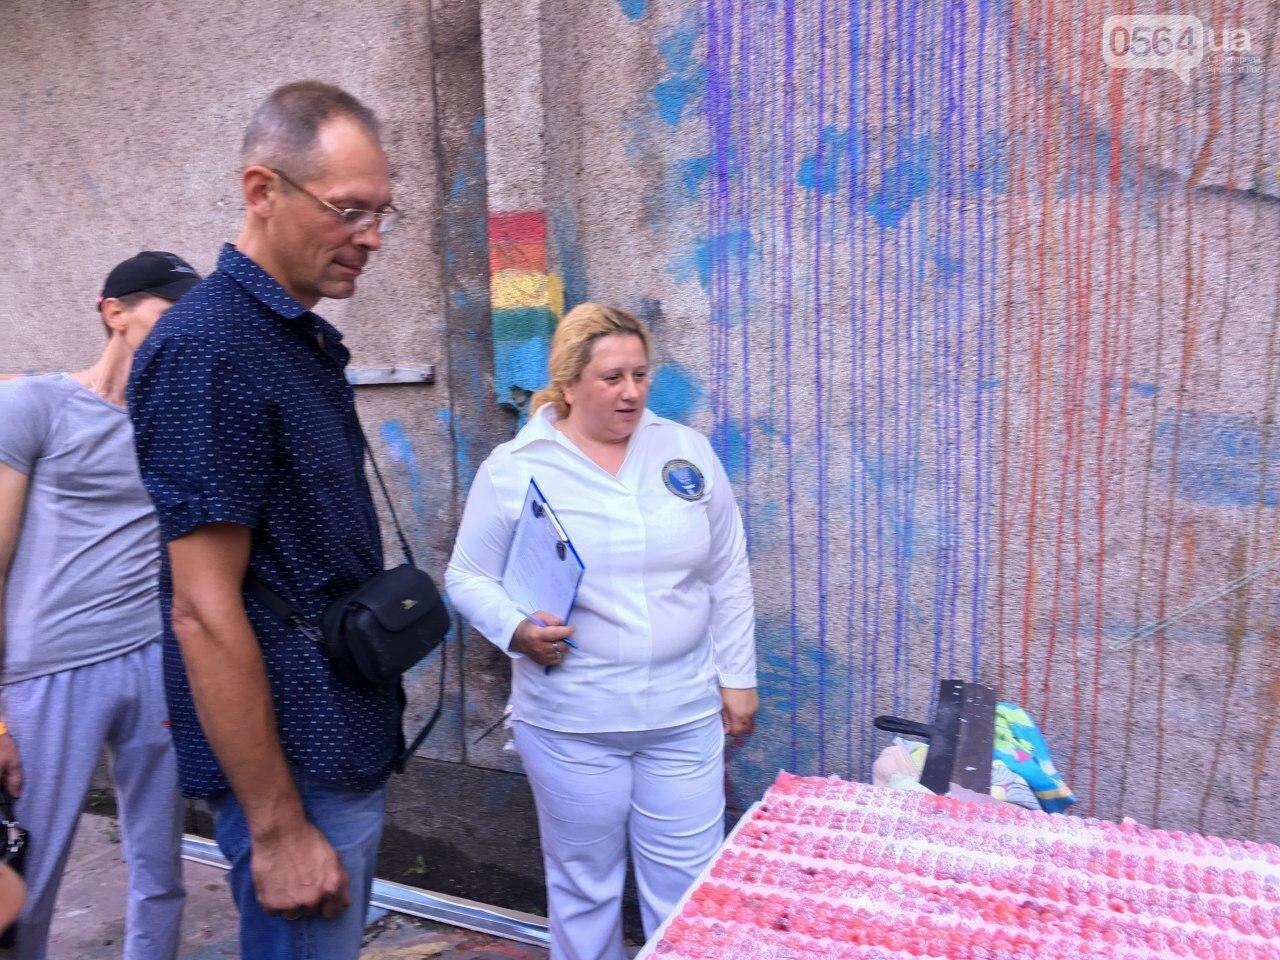 В Кривом Роге установили новый рекорд Украины ради спасения жизни ребенка, - ФОТО, ВИДЕО , фото-14